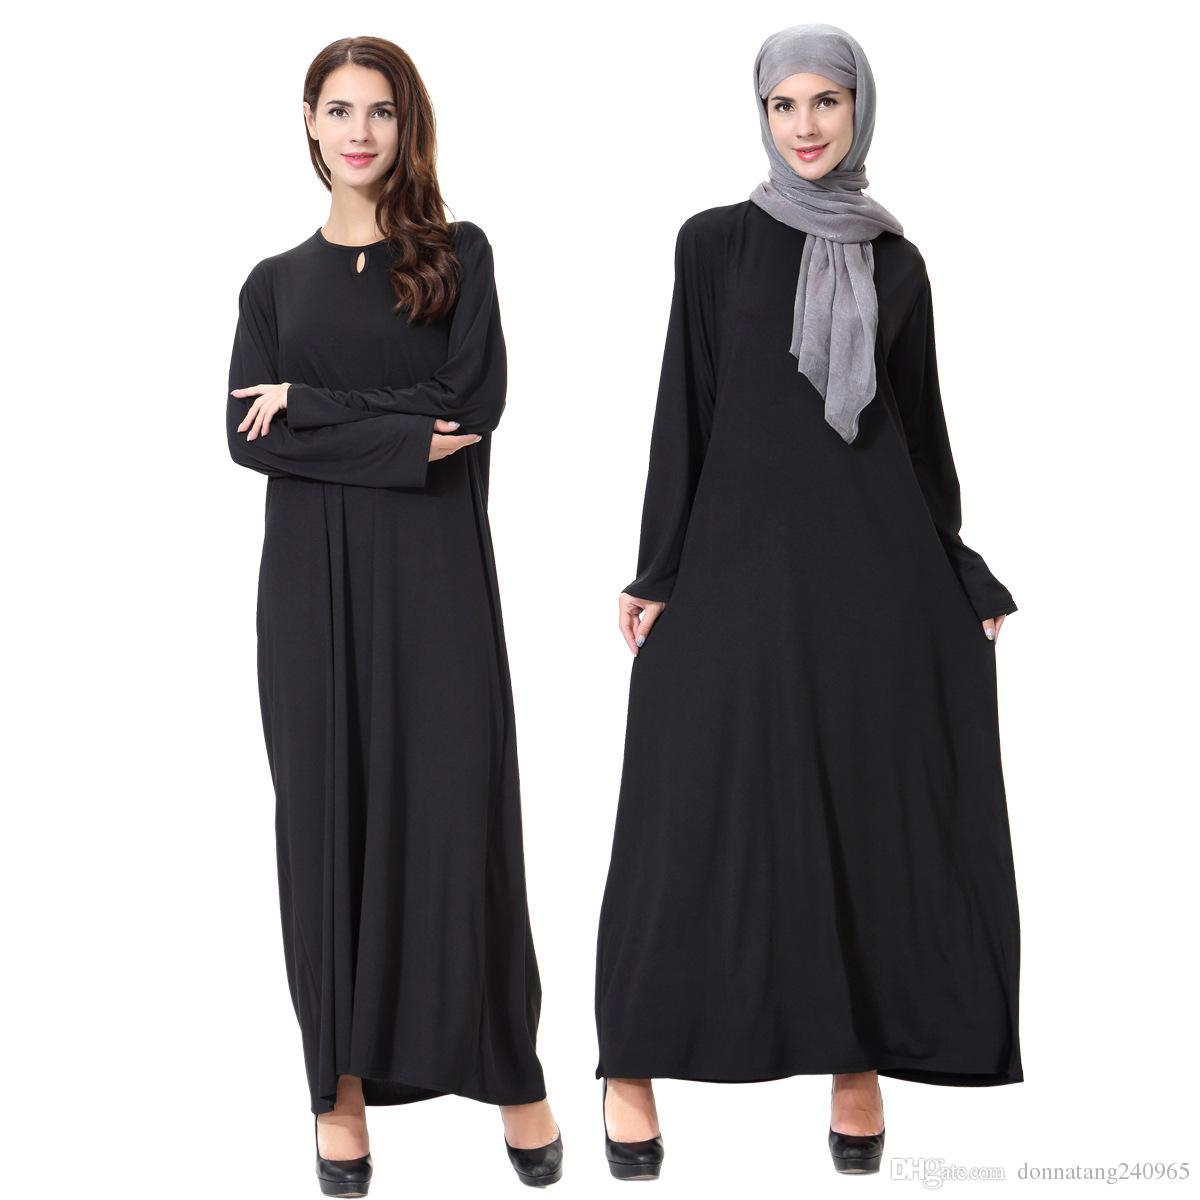 großhandel neue ankunfts islamischen schwarzer umhang abayas muslim langes  kleid für frauen malaysia dubai türkischen damen bekleidung qualitäts robe